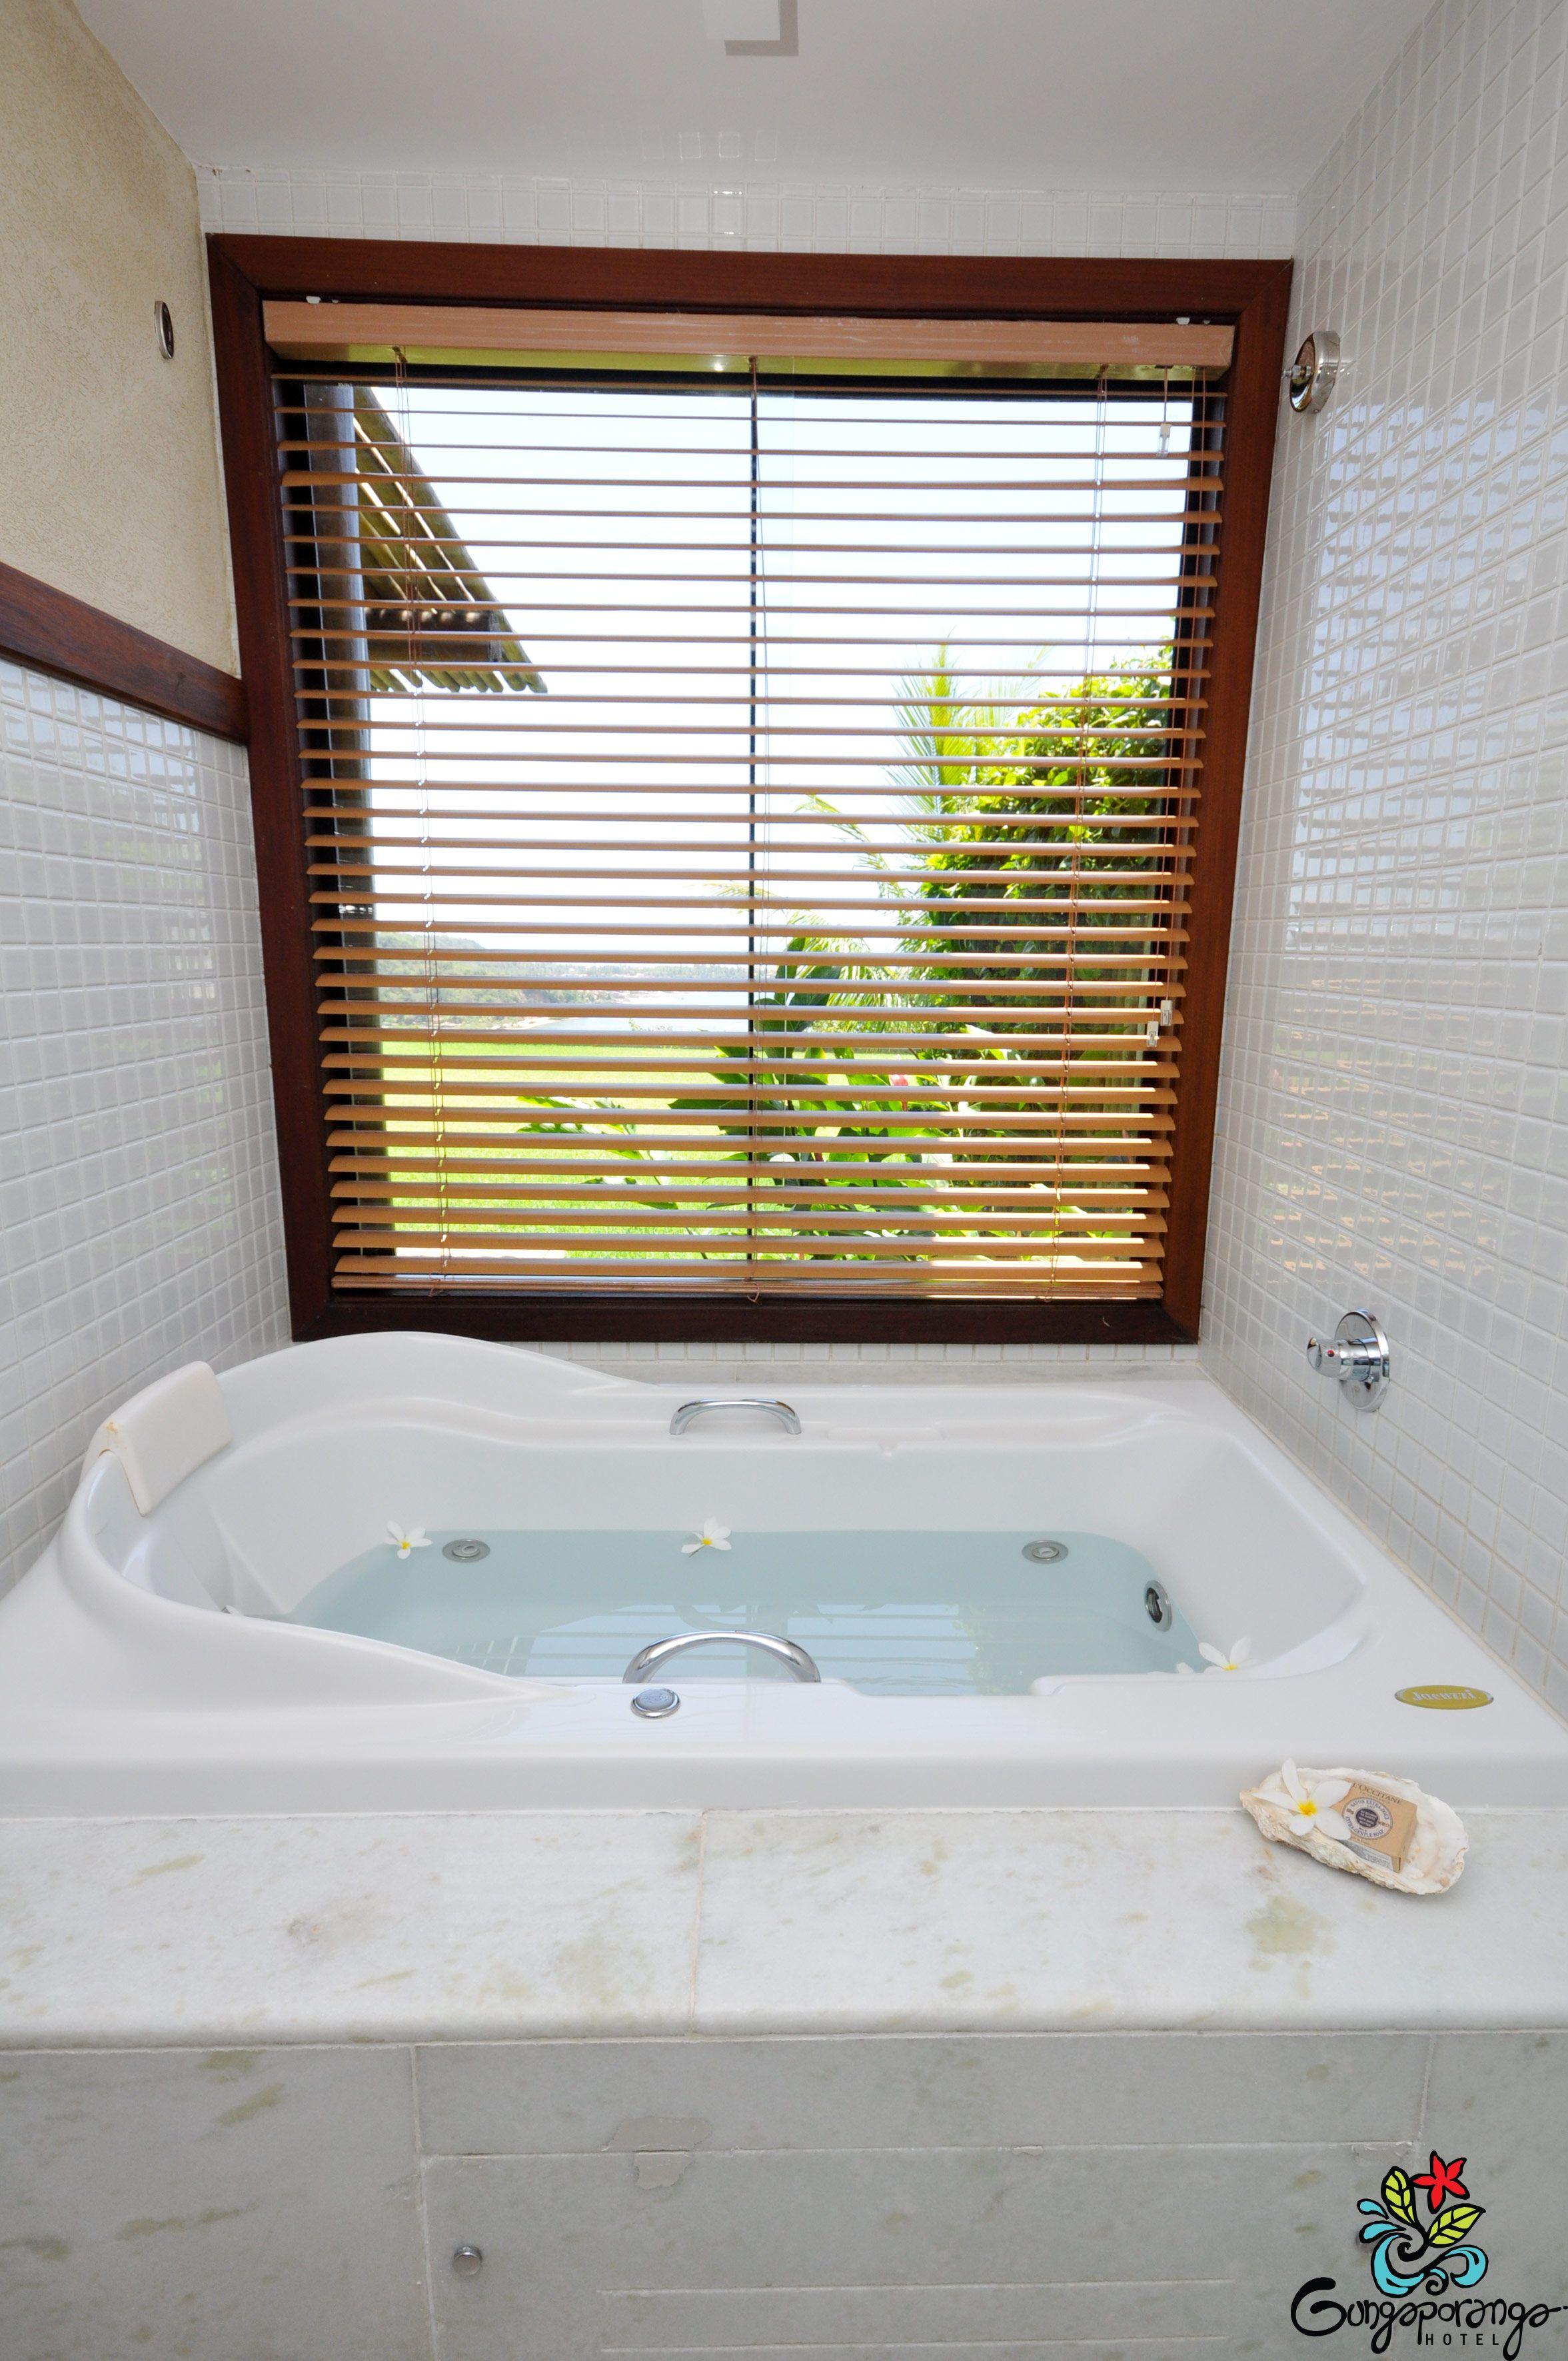 Banheira Quartos Decor Praia Pinterest #966B35 2353x3543 Banheiro Com Banheira Redonda